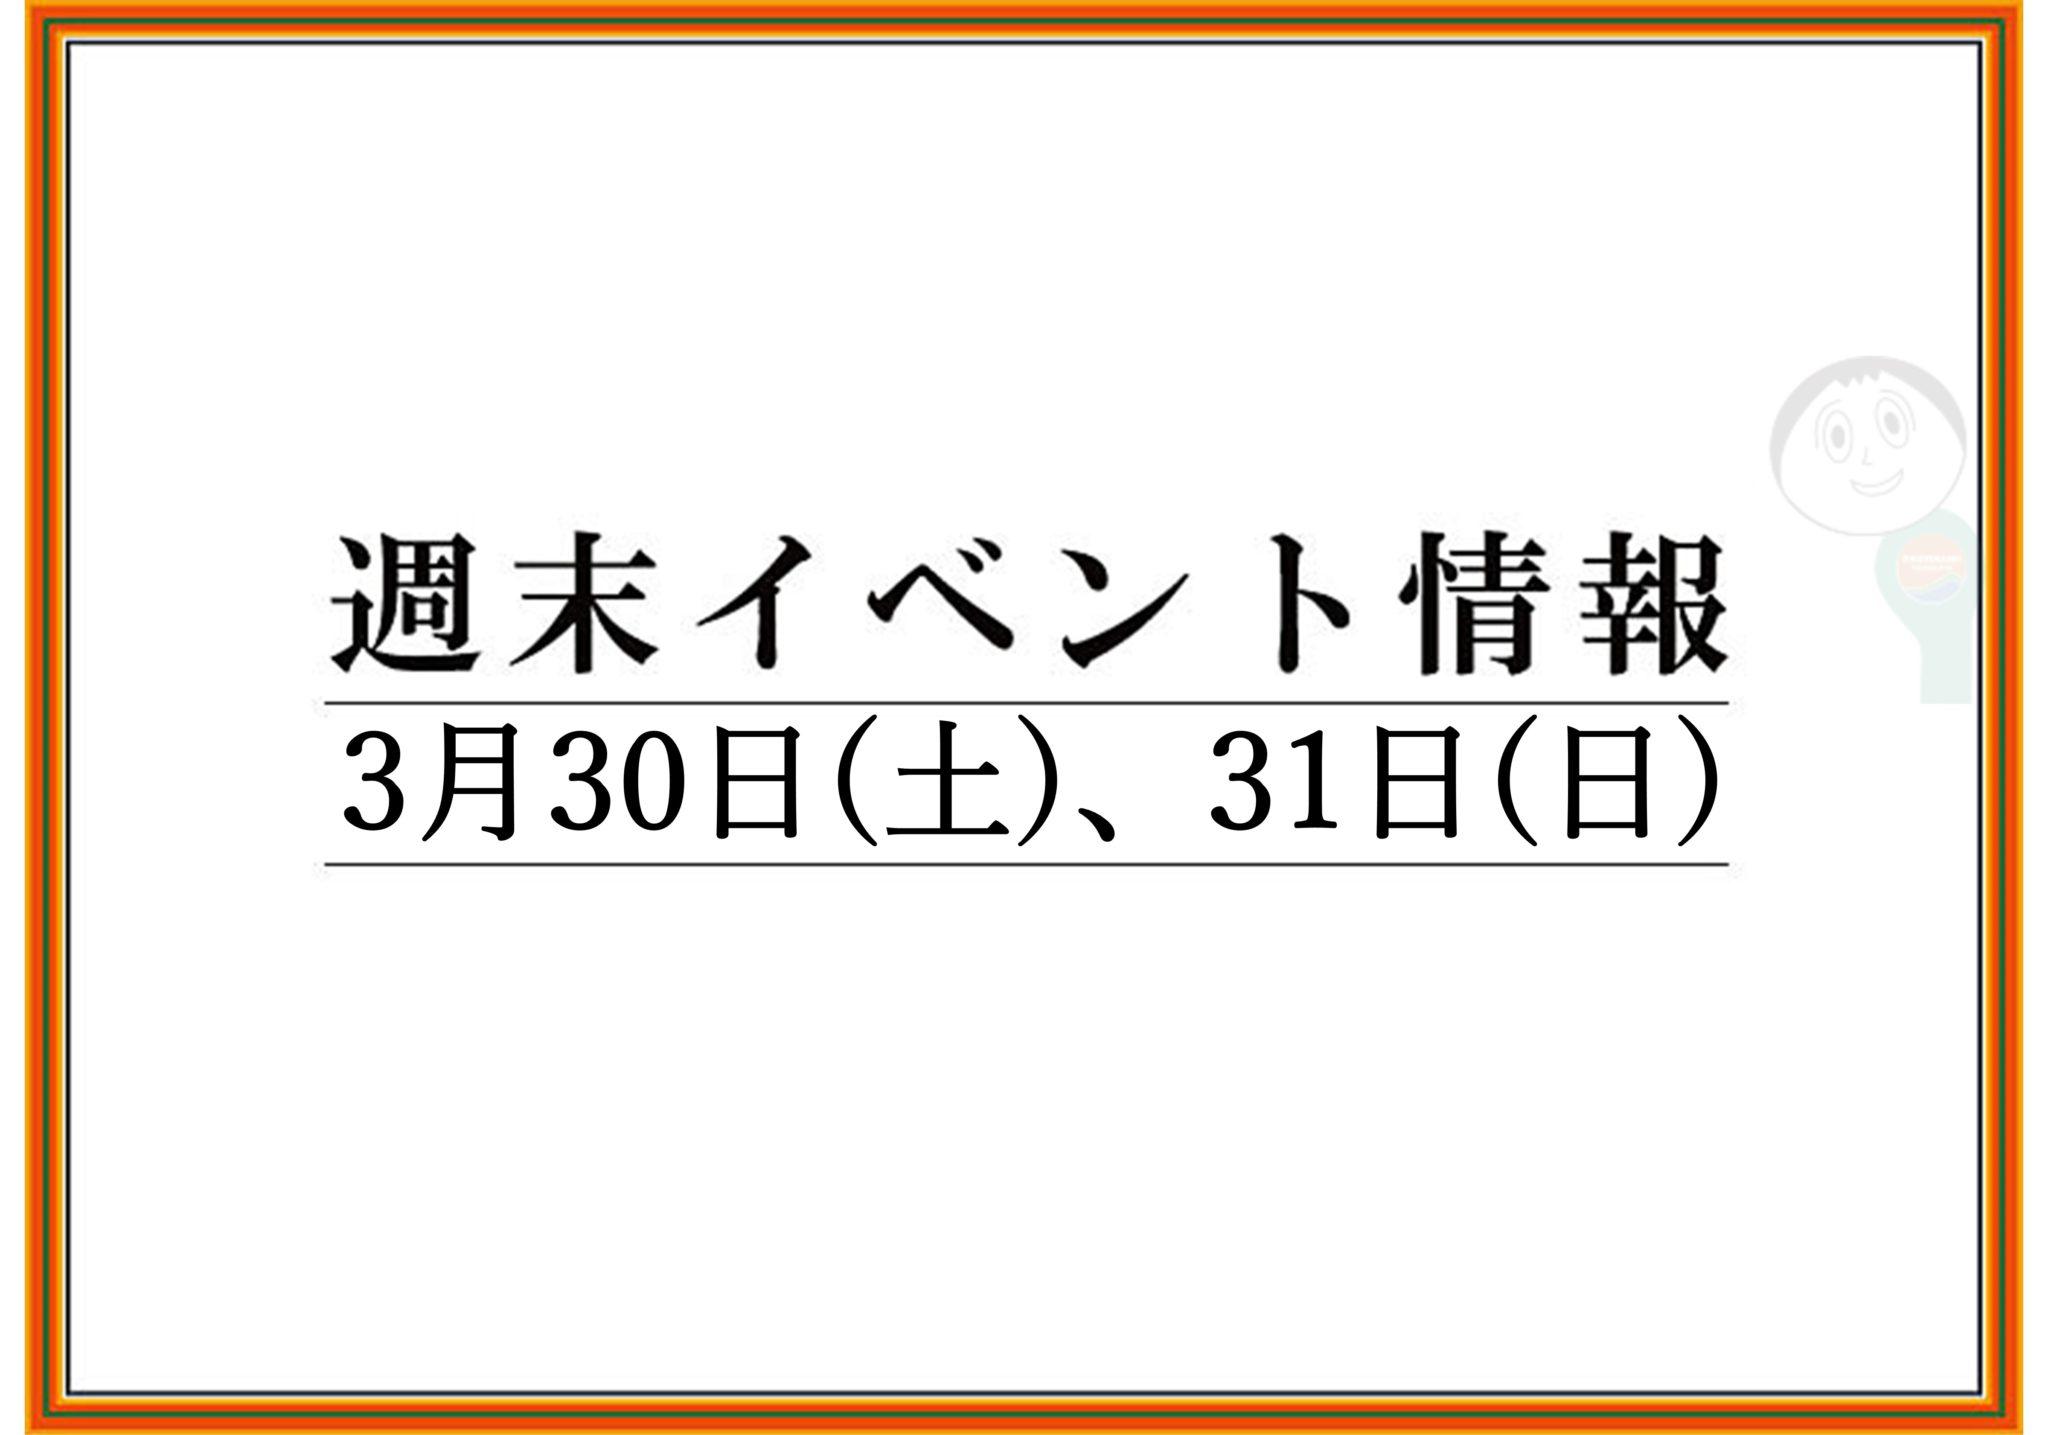 山形/上山/天童の週末イベント情報 3月30日(土),31日(日)